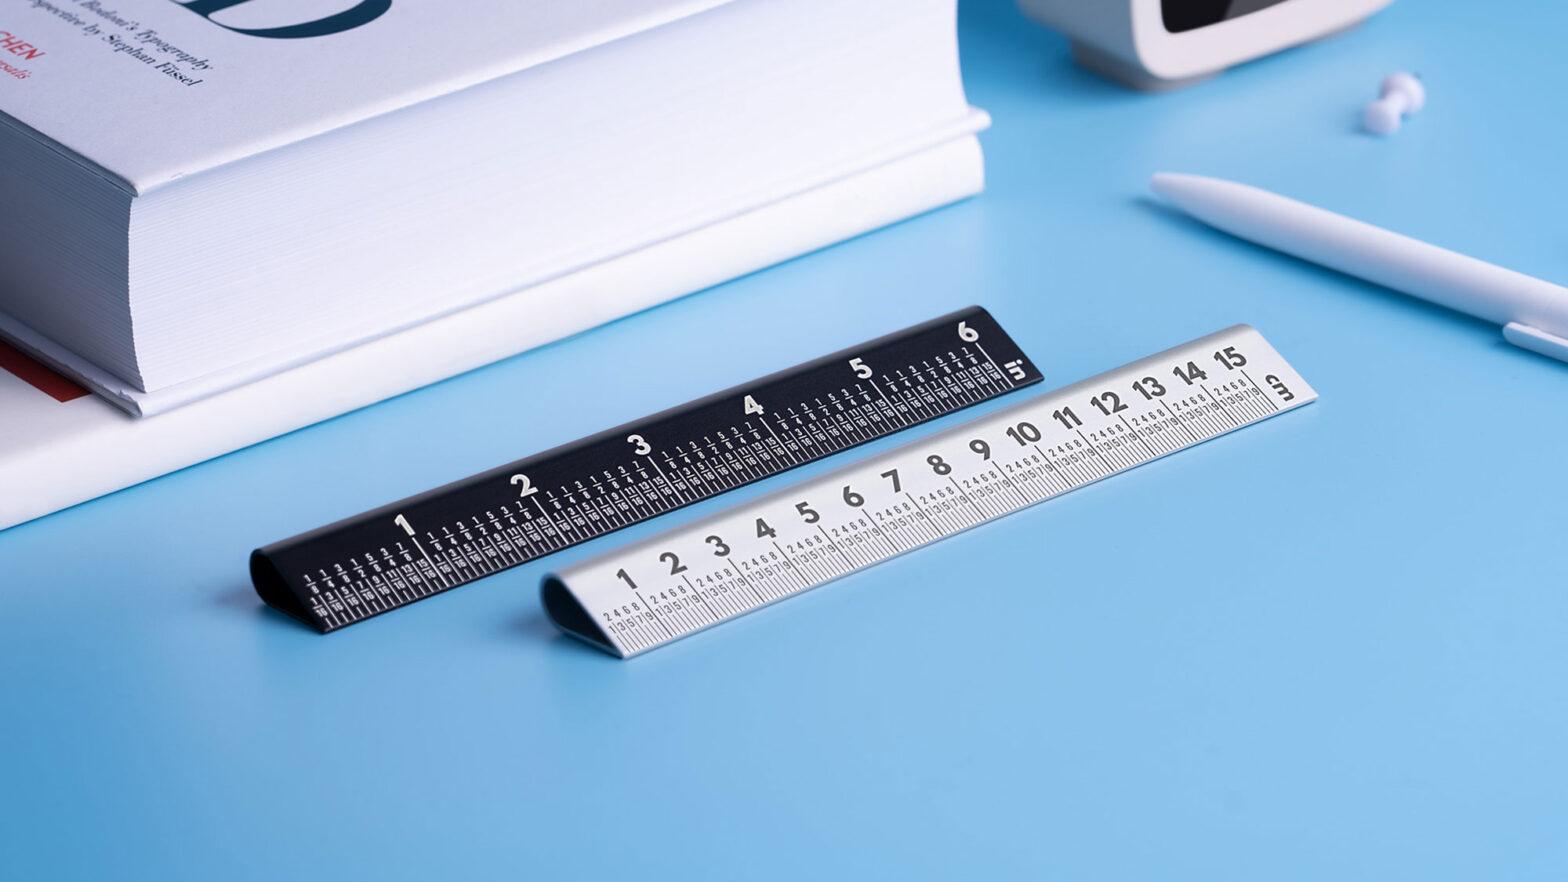 30-degree Ruler 4.0 by Orangered Life Kickstarter